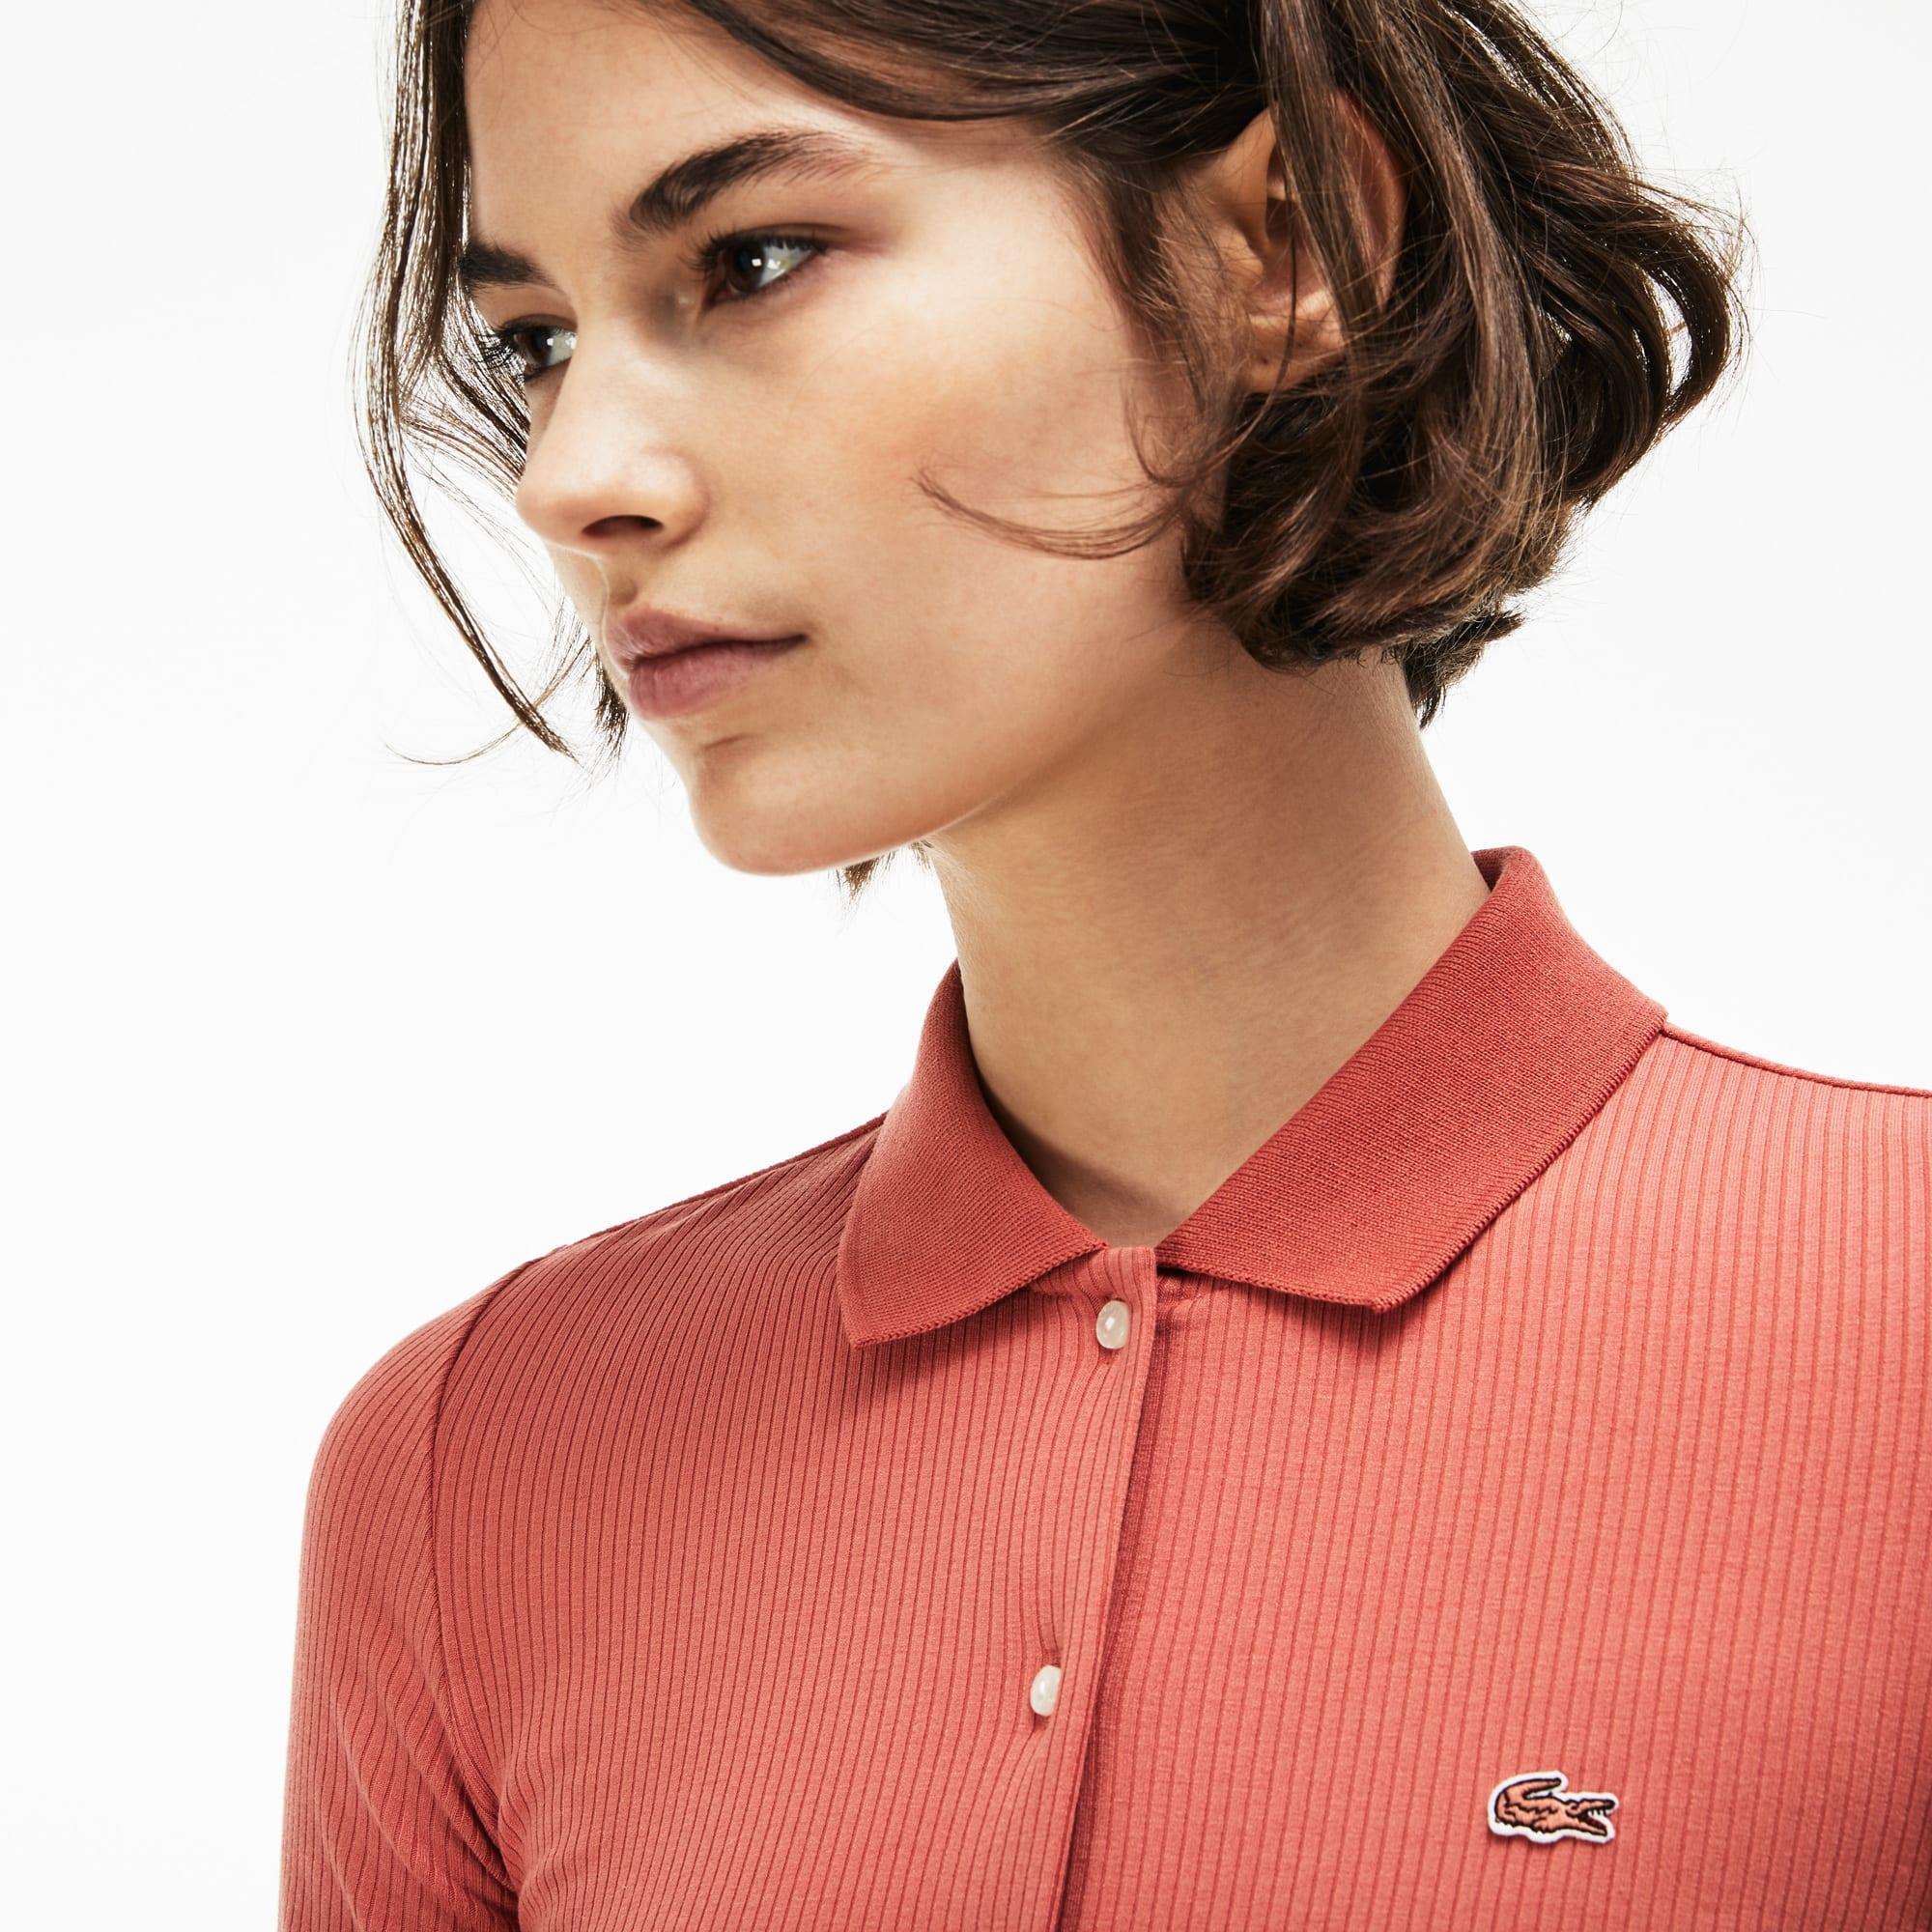 Damen LACOSTE L!VE Stretch-Slim Fit Poloshirt mit Knöpfen